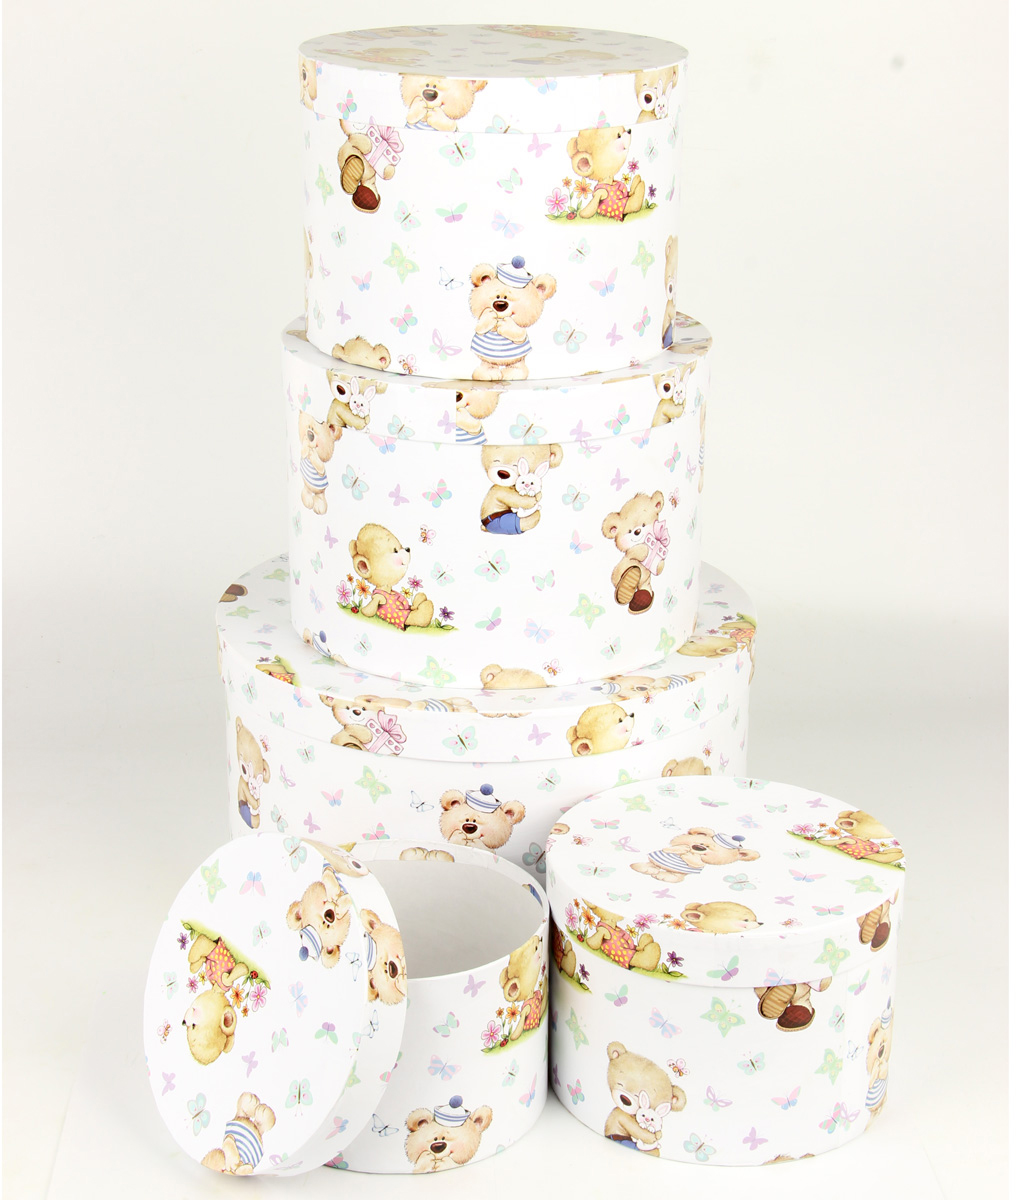 Набор подарочных коробок Veld-Co Миром правит доброта, круглые, 5 шт набор подарочных коробок veld co миром правит доброта 15 шт